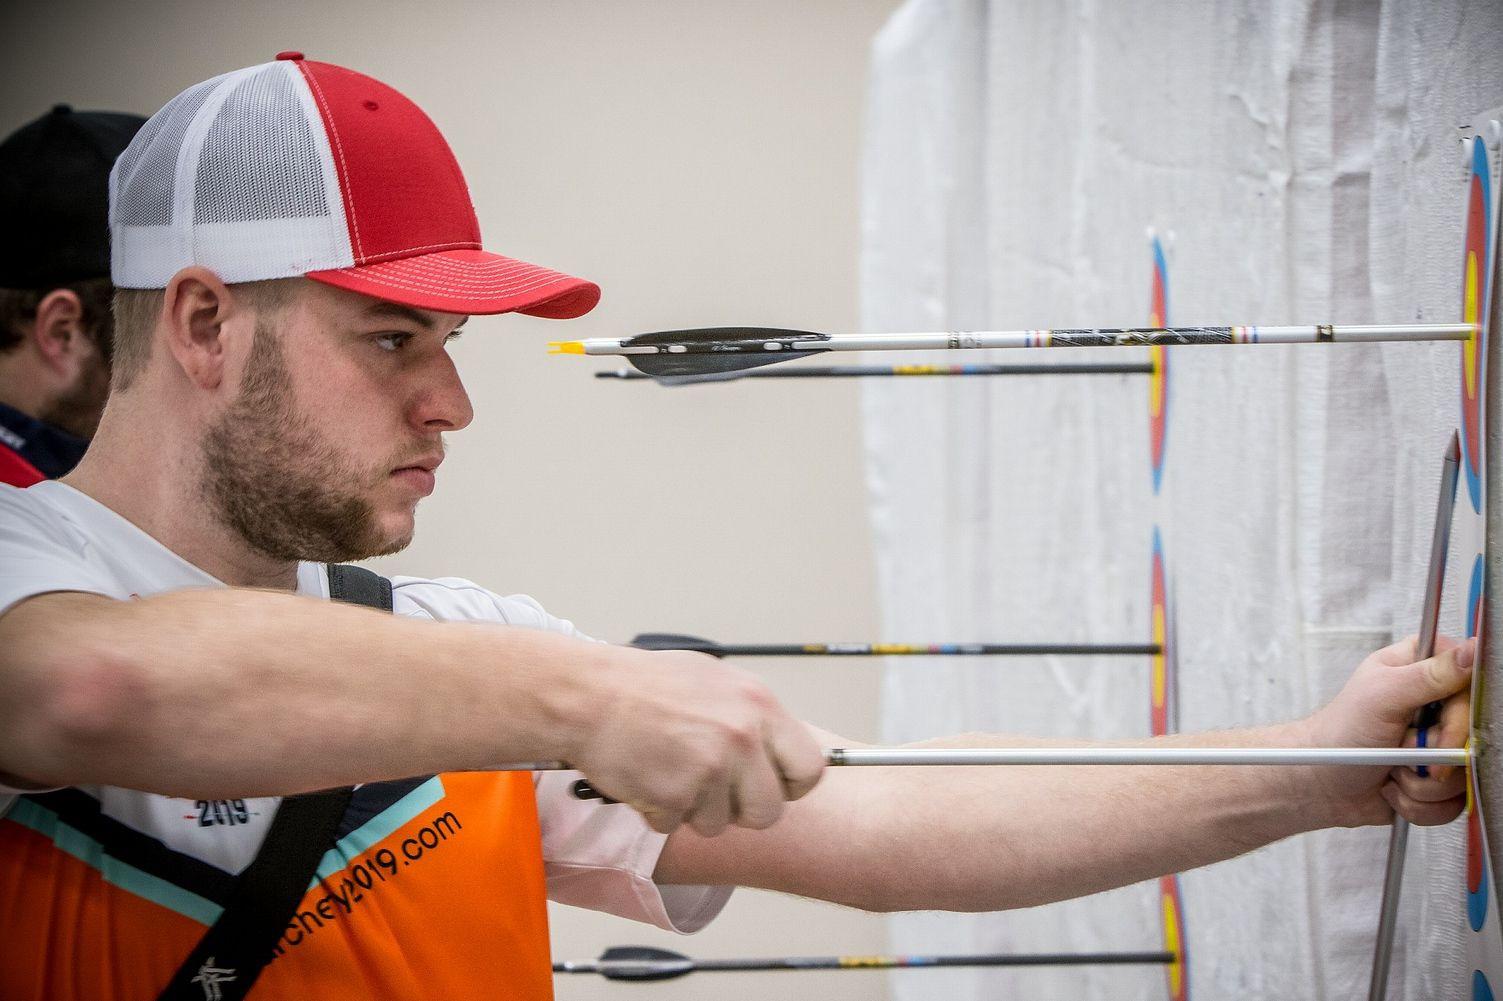 Schloesser reaches compound final at World Archery Indoor Championships